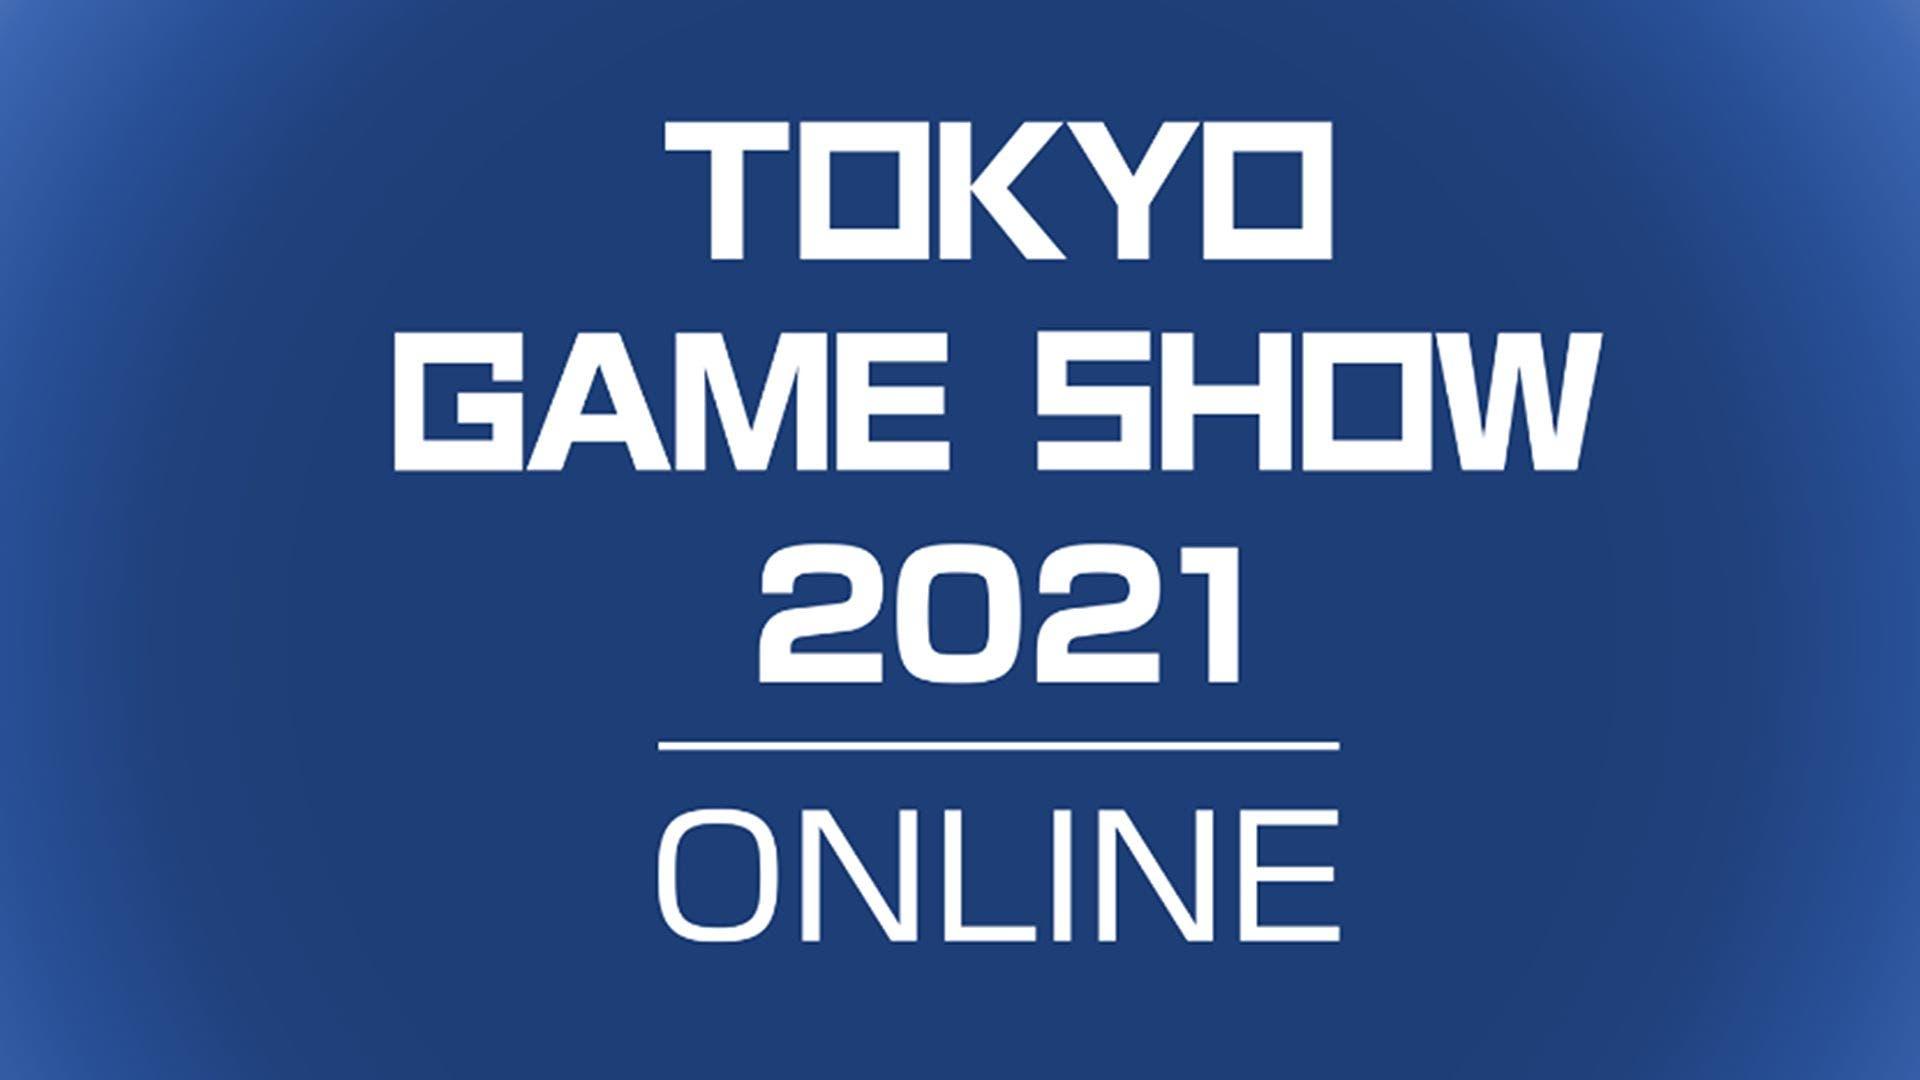 Konami, Koei Tecmo, Capcom y más detallan sus planes para el Tokyo Game Show 2021 Online